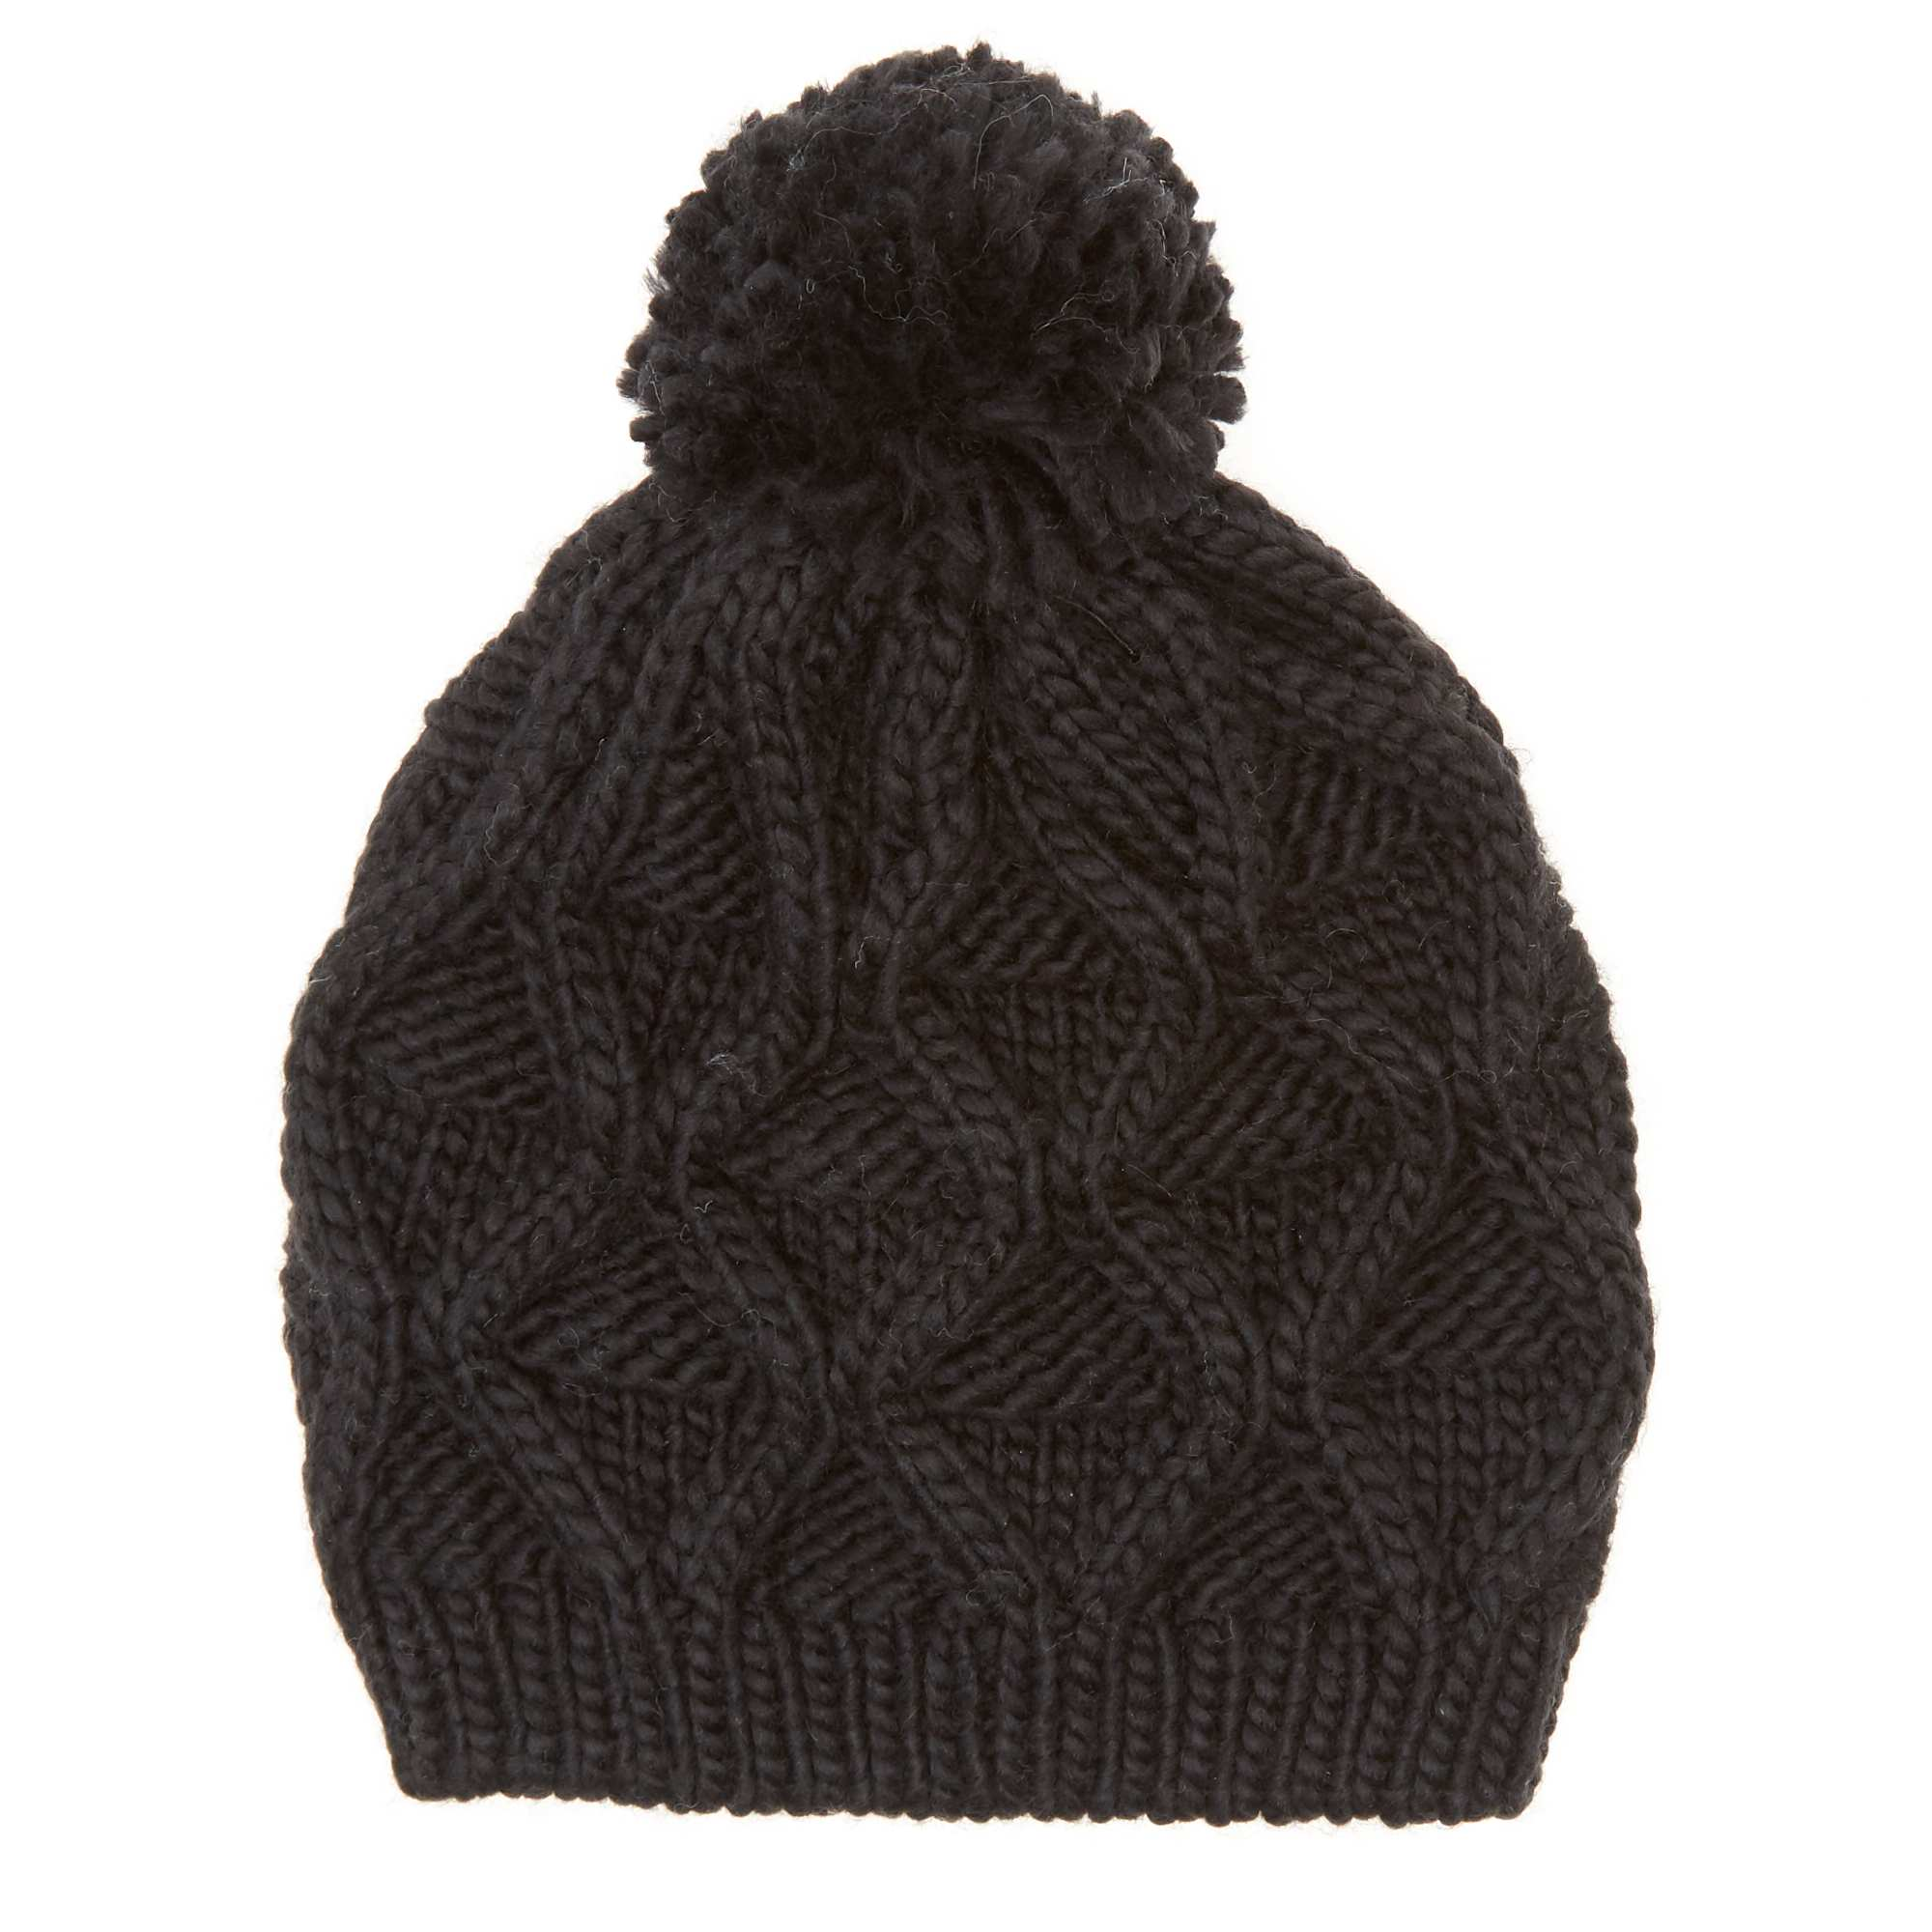 bonnet pompon femme noir kiabi 3 00. Black Bedroom Furniture Sets. Home Design Ideas